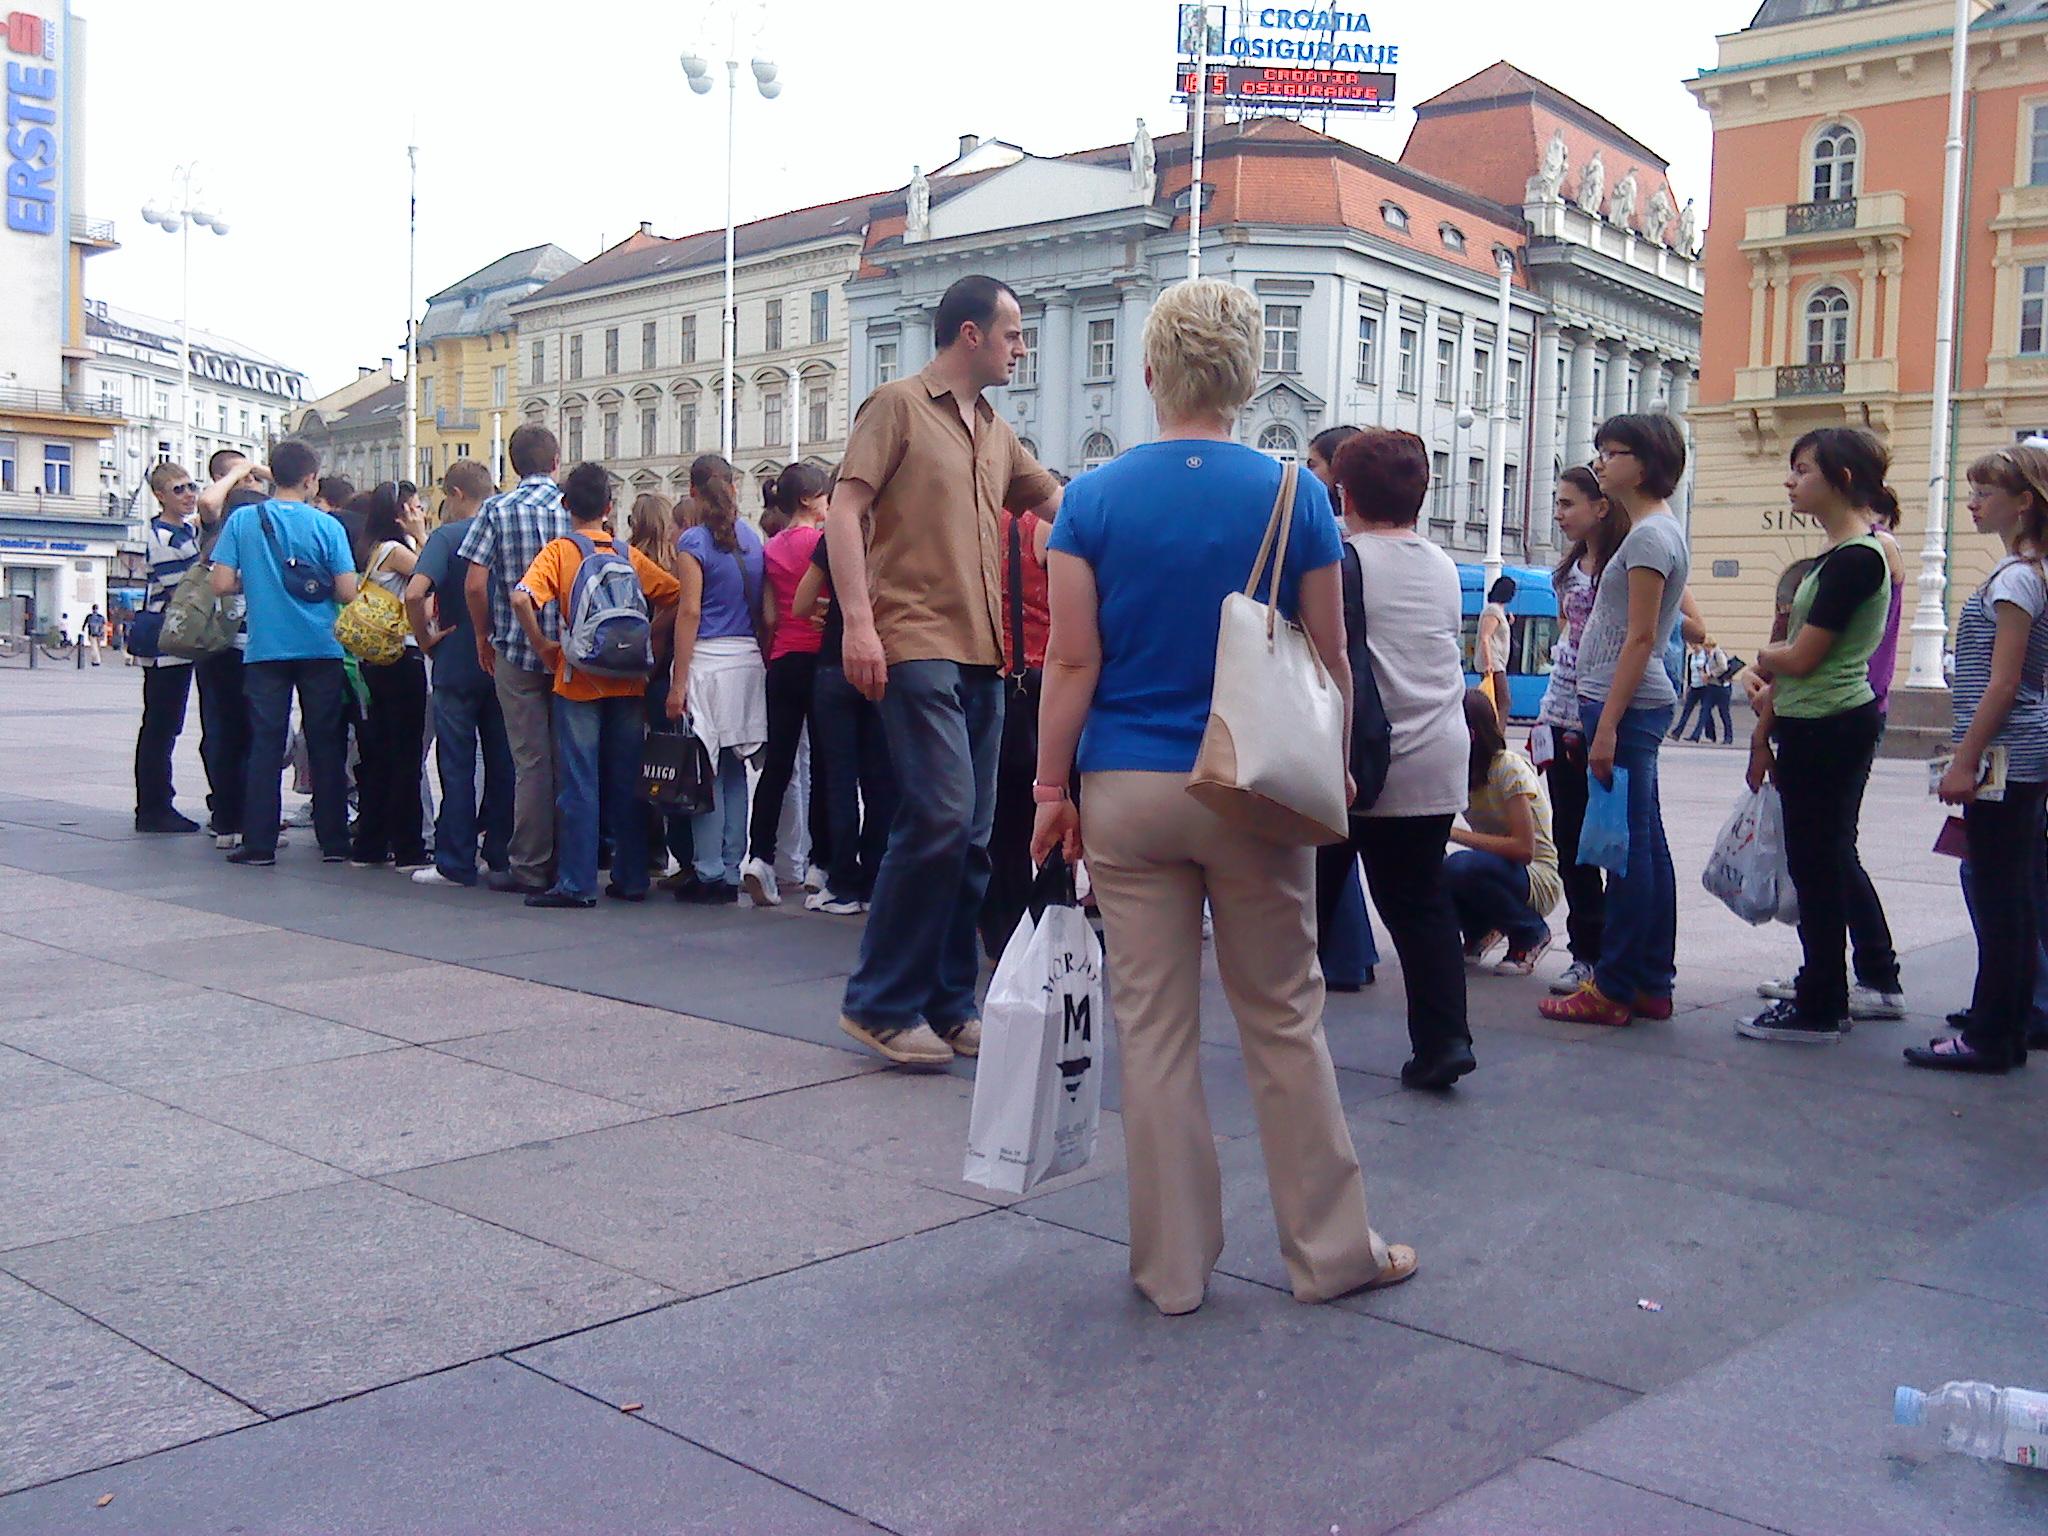 Zagreb - Opća tura: Trg bana Jelačića